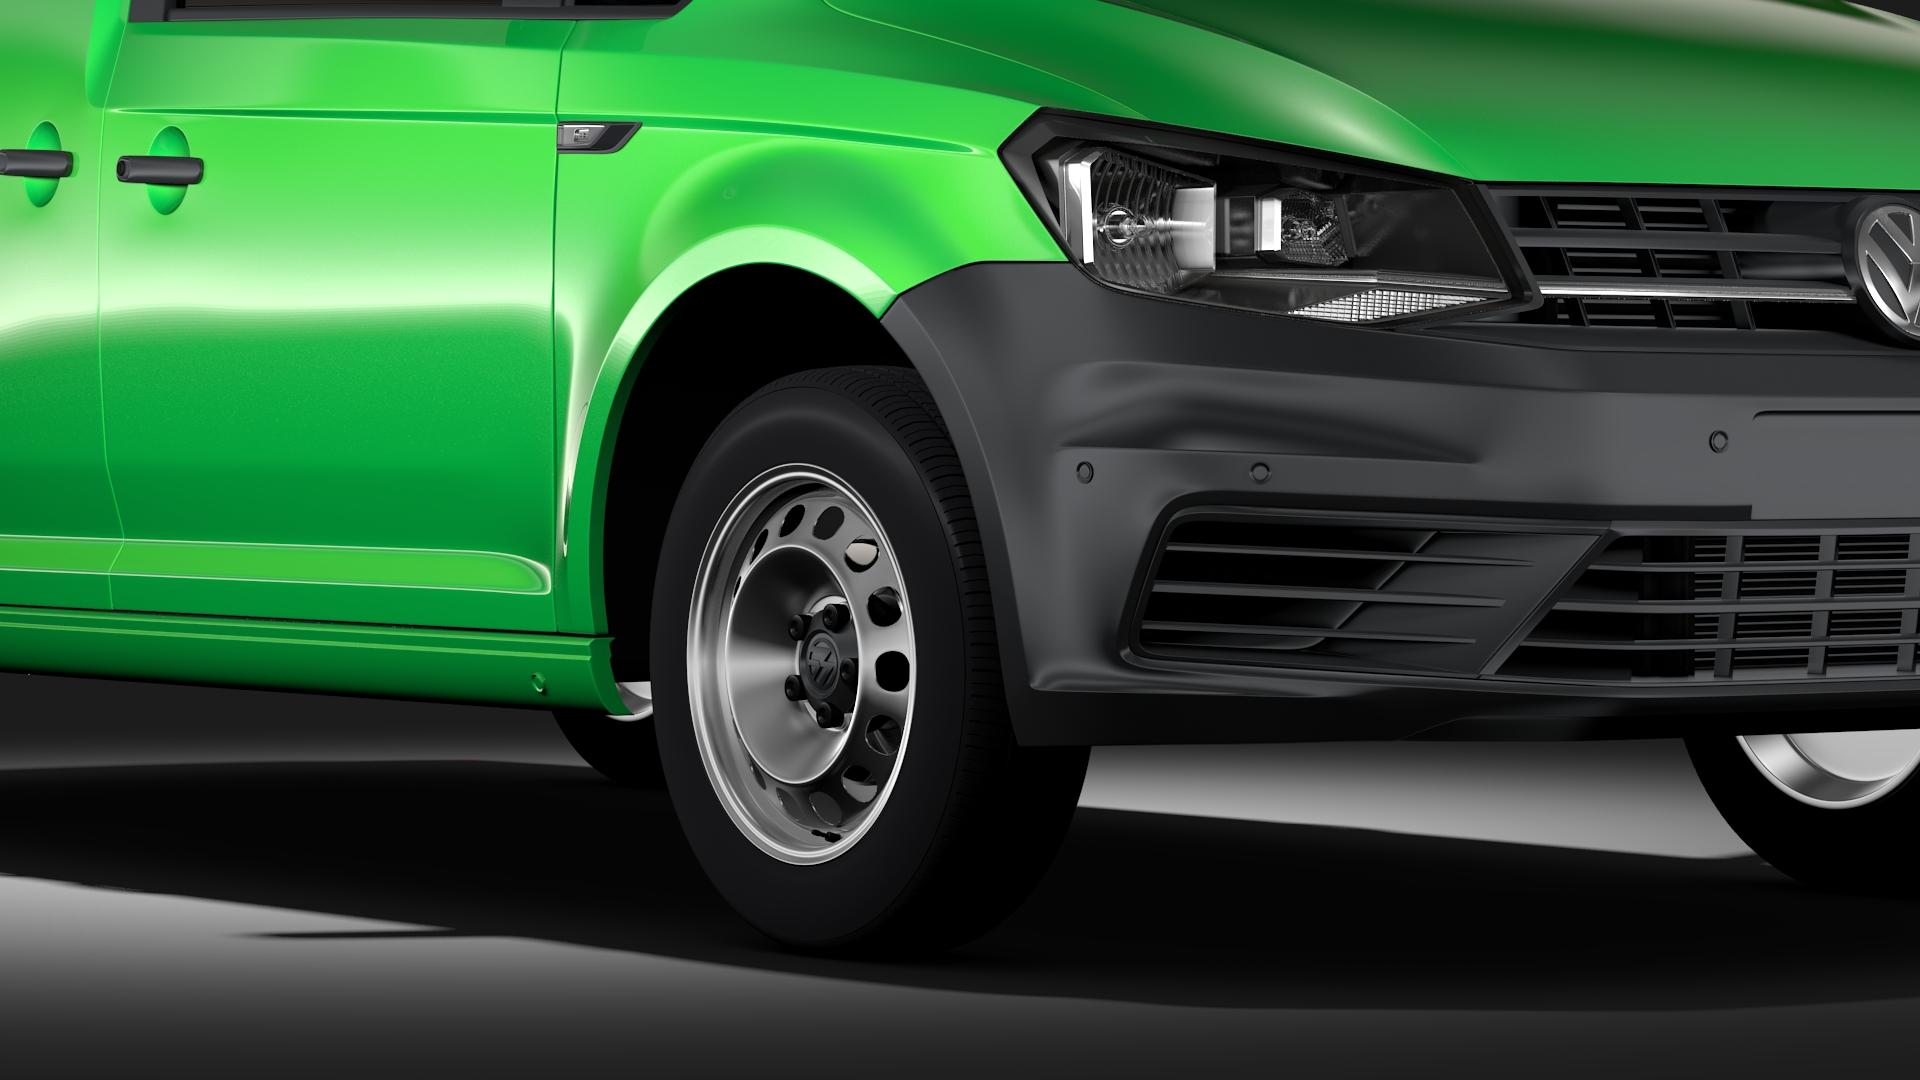 volkswagen caddy panel van l1 2017 3d model max fbx c4d lwo ma mb hrc xsi obj 274400